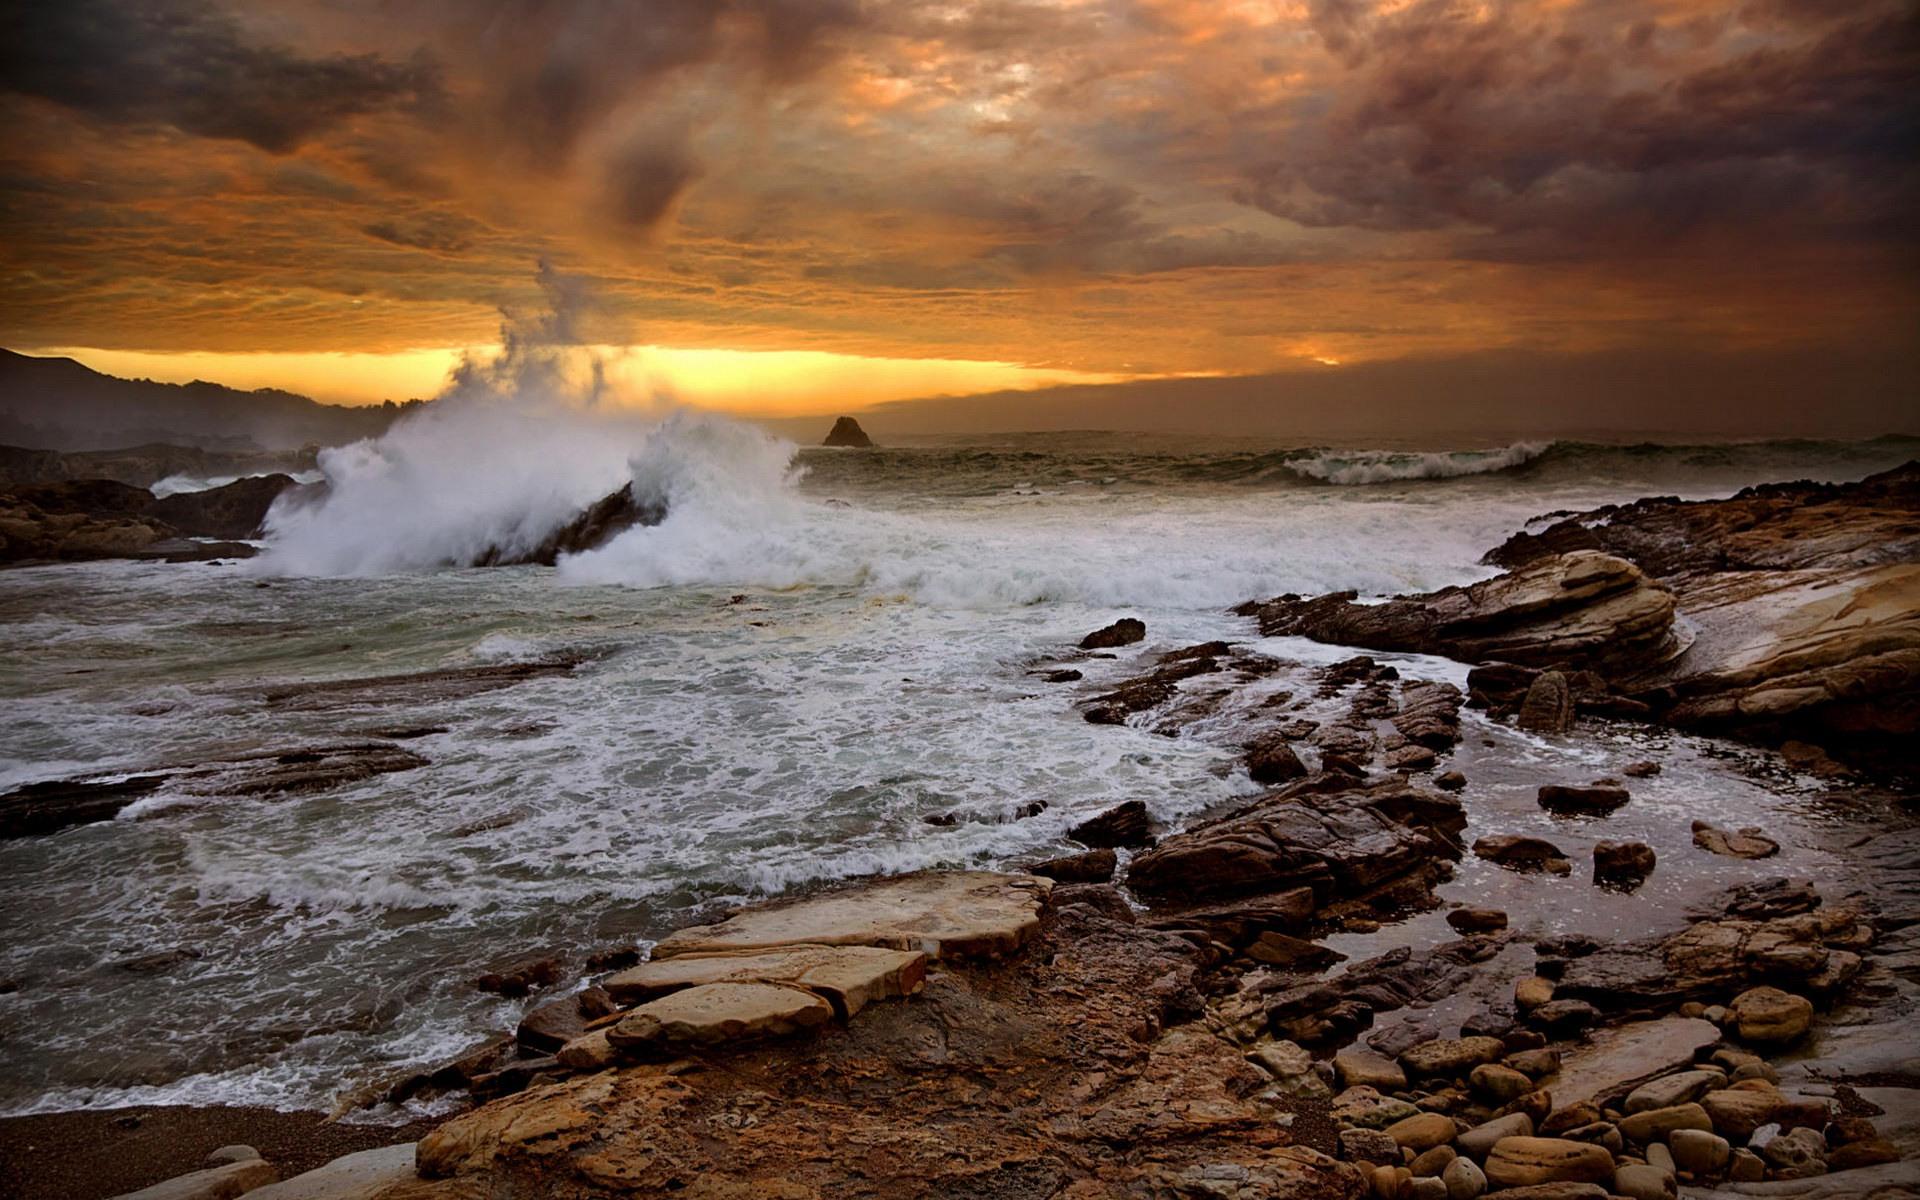 crashing waves wallpaper evening